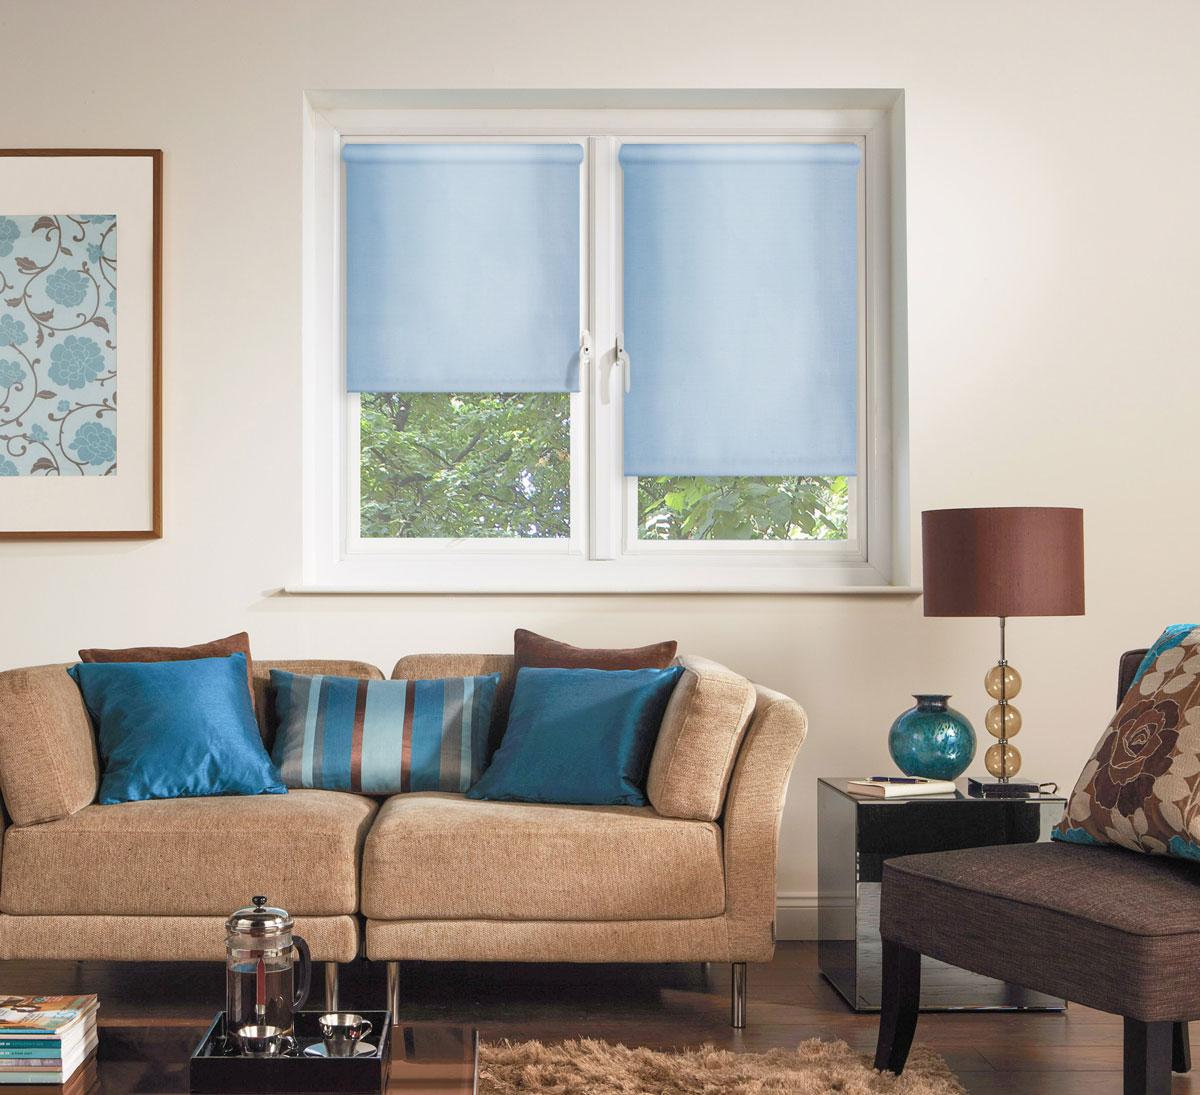 Штора рулонная KauffOrt Миниролло, цвет: голубой, ширина 115 см, высота 170 см3115005Рулонная штора Миниролло выполнена из высокопрочной ткани, которая сохраняет свой размер даже при намокании. Ткань не выцветает и обладает отличной цветоустойчивостью. Миниролло - это подвид рулонных штор, который закрывает не весь оконный проем, а непосредственно само стекло. Такие шторы крепятся на раму без сверления при помощи зажимов или клейкой двухсторонней ленты. Окно остается на гарантии, благодаря монтажу без сверления. Такая штора станет прекрасным элементом декора окна и гармонично впишется в интерьер любого помещения.